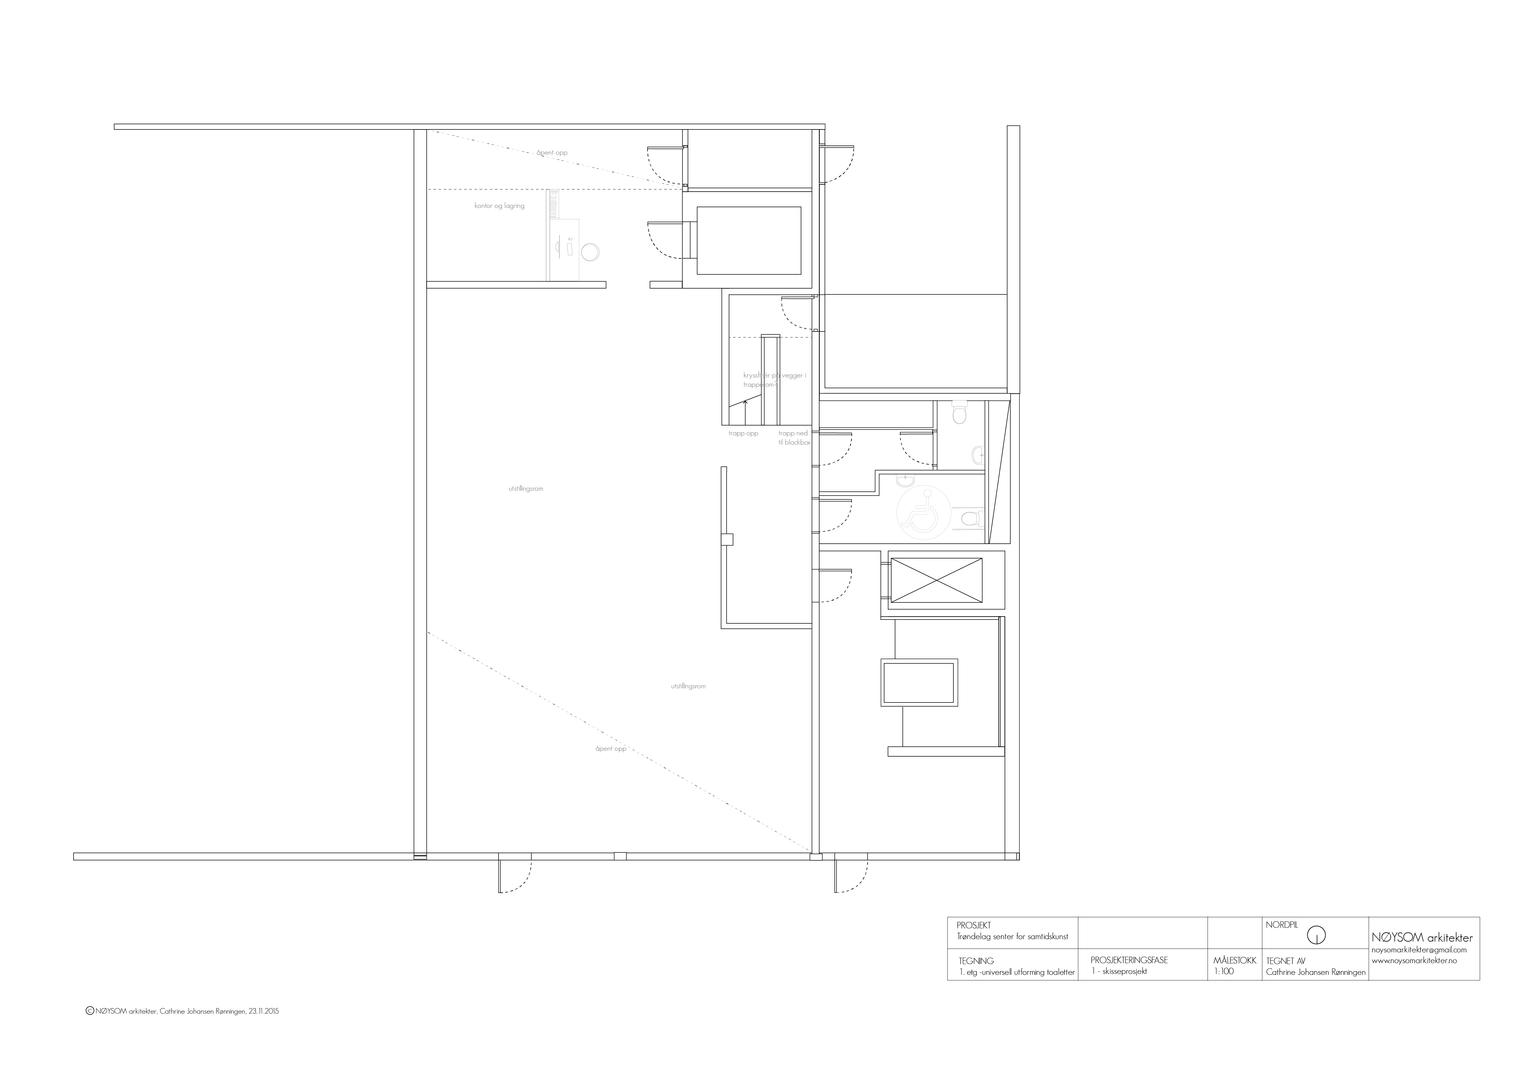 TSSK ombygging, plan første etasje